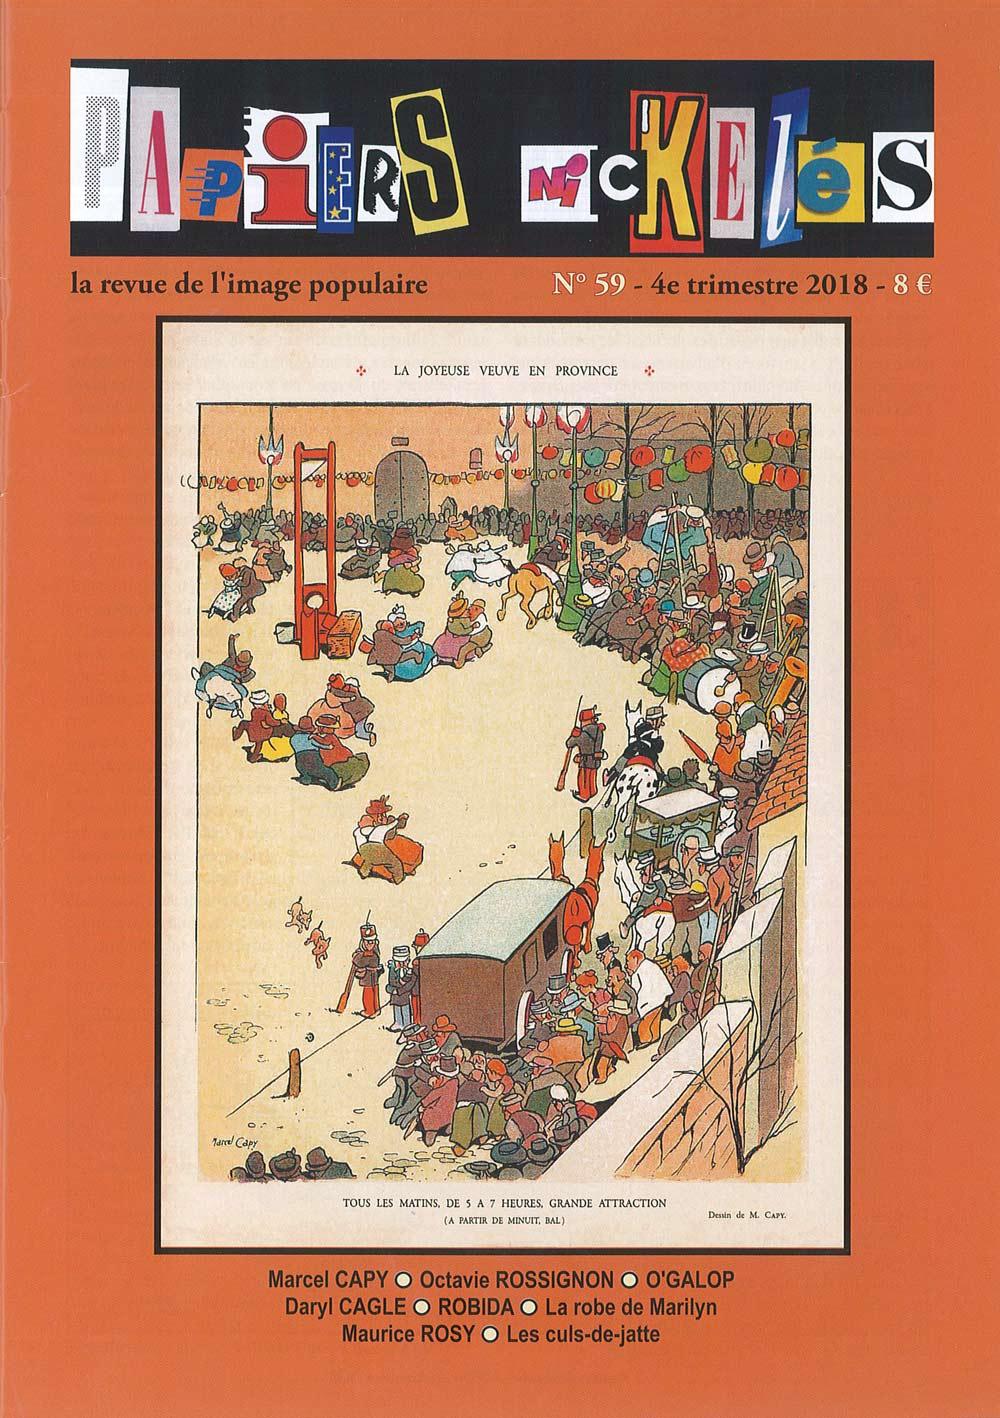 Papiers Nickelés n°59